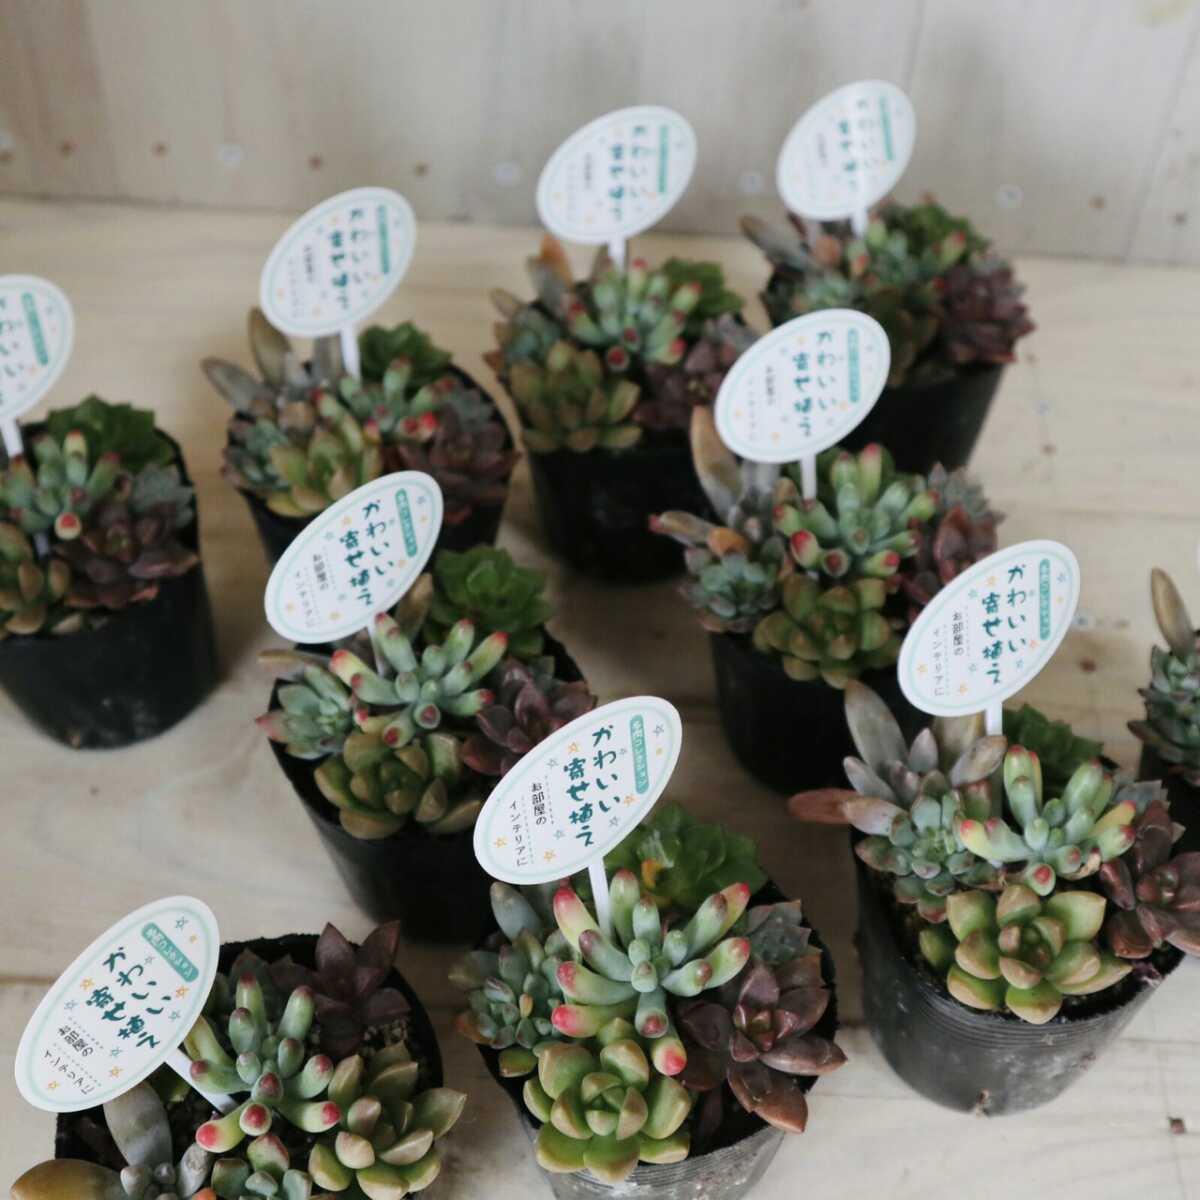 多肉植物 可愛い寄せ植え セダム 10ポットセット まとめ売り